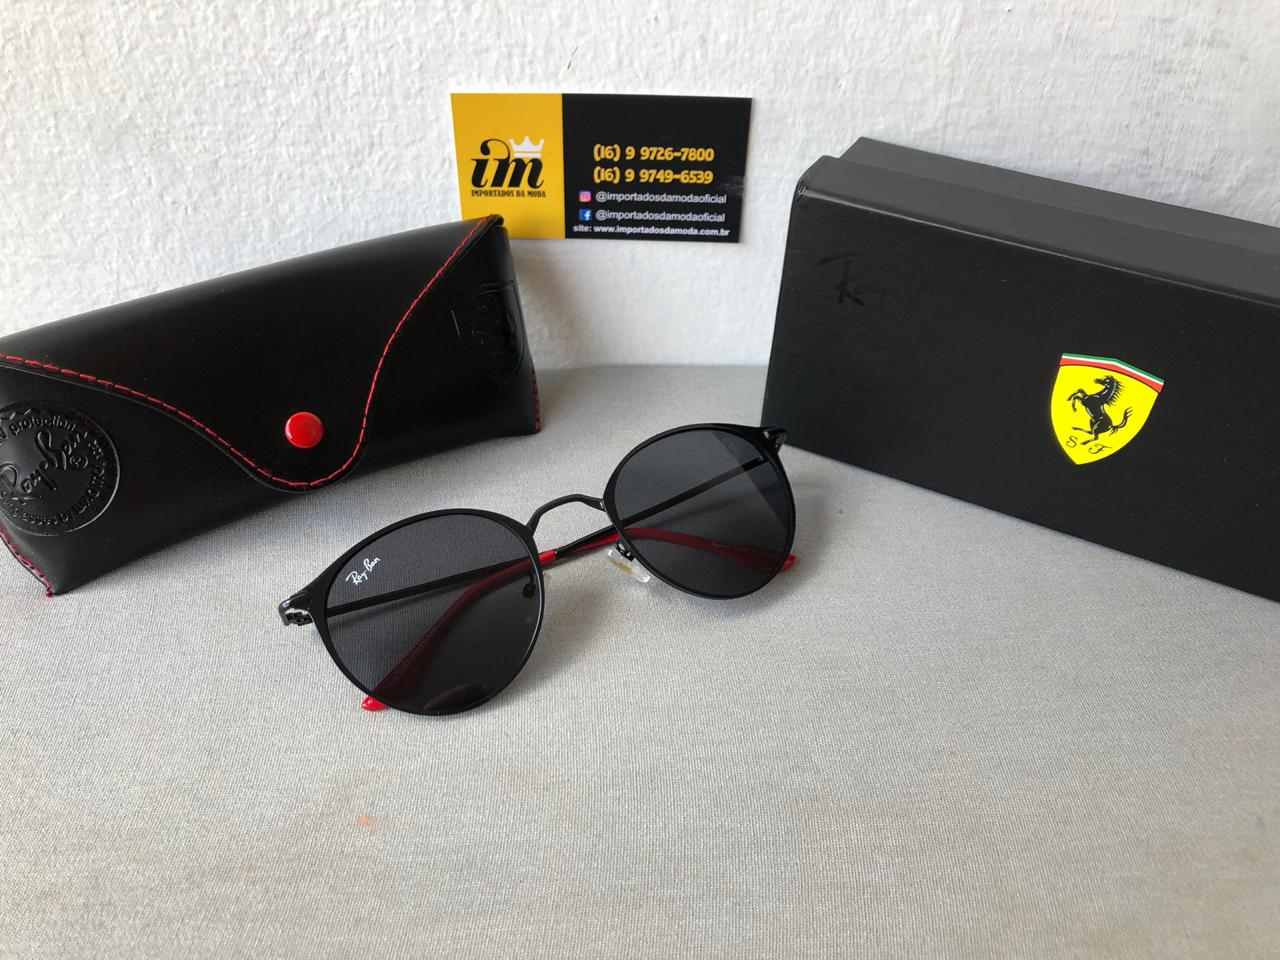 b1ca9bc1a Óculos de Sol Ray Ban Ferrari Réplica Primeira Linha